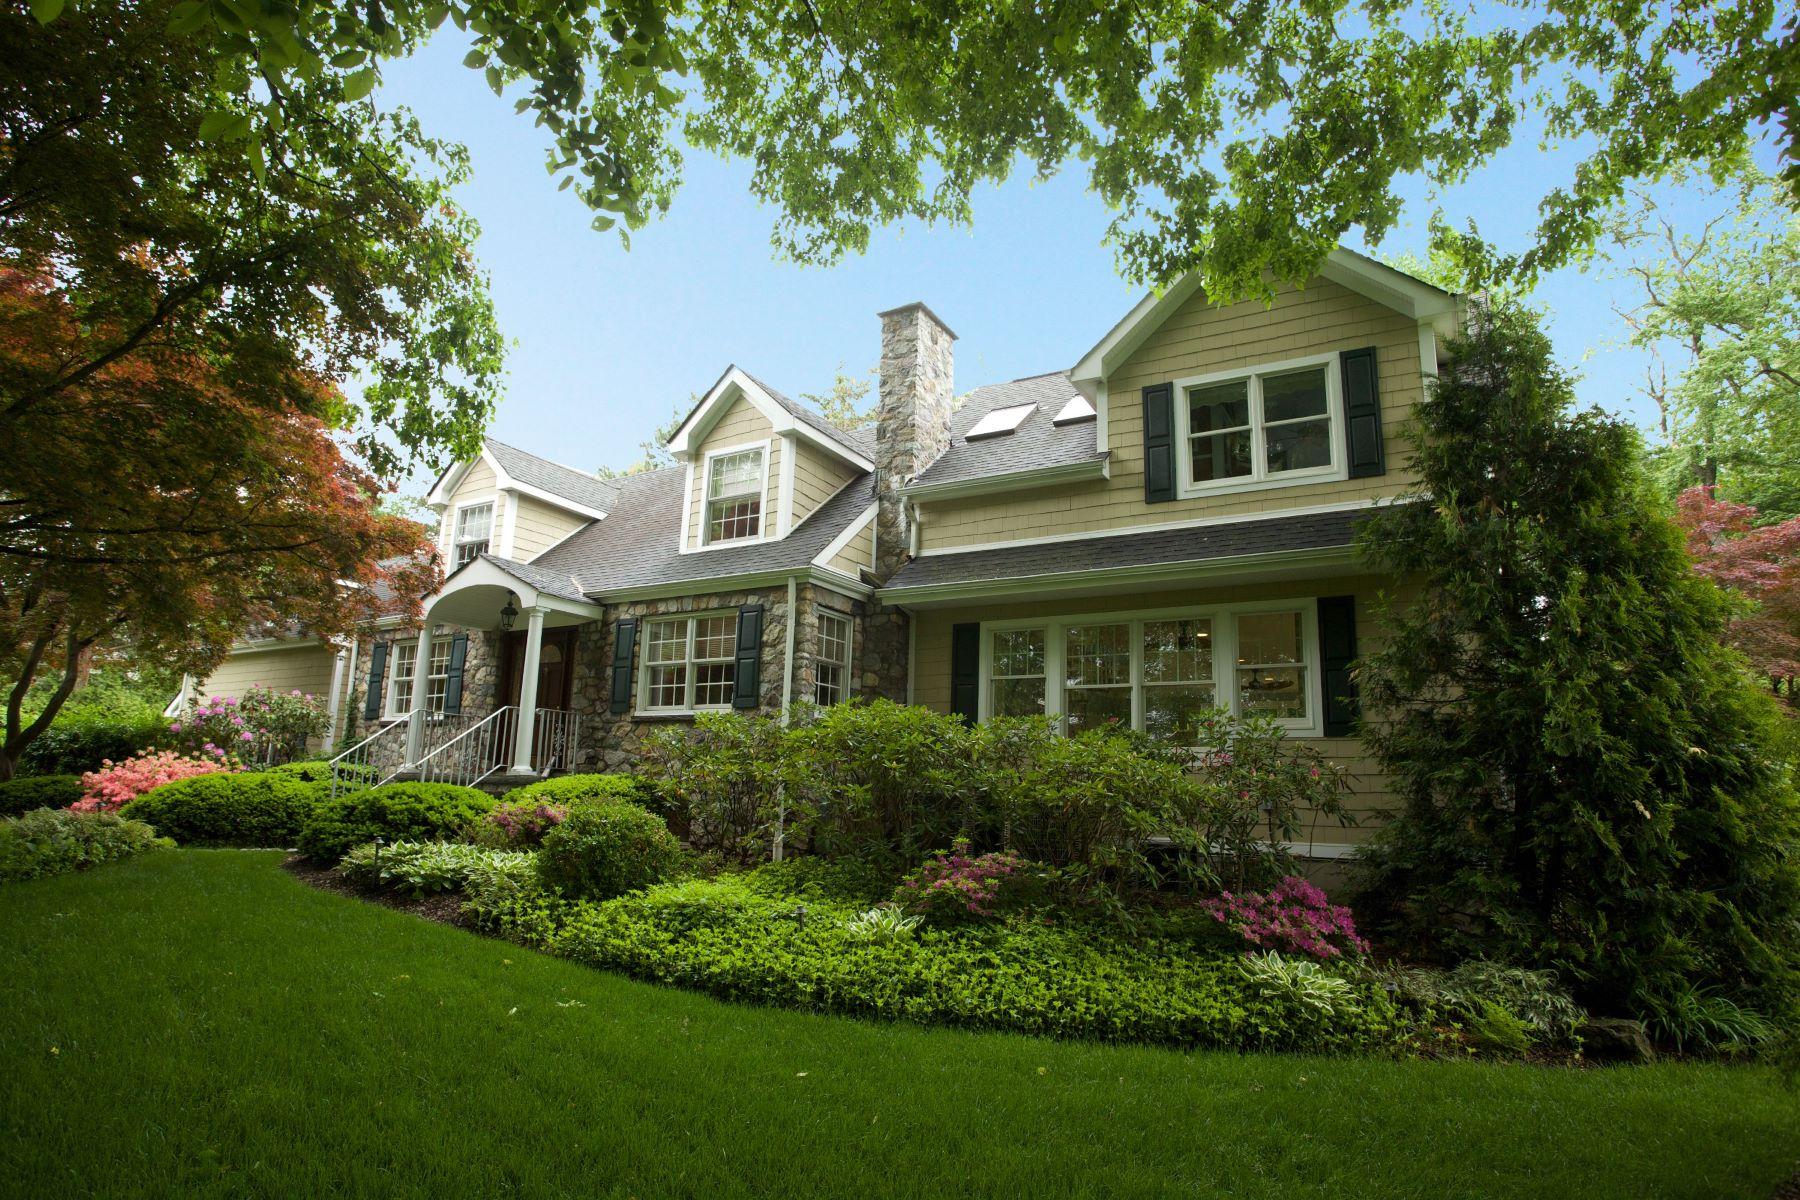 Частный односемейный дом для того Продажа на On Zabriski Pond 416 Highland Avenue Wyckoff, 07481 Соединенные Штаты